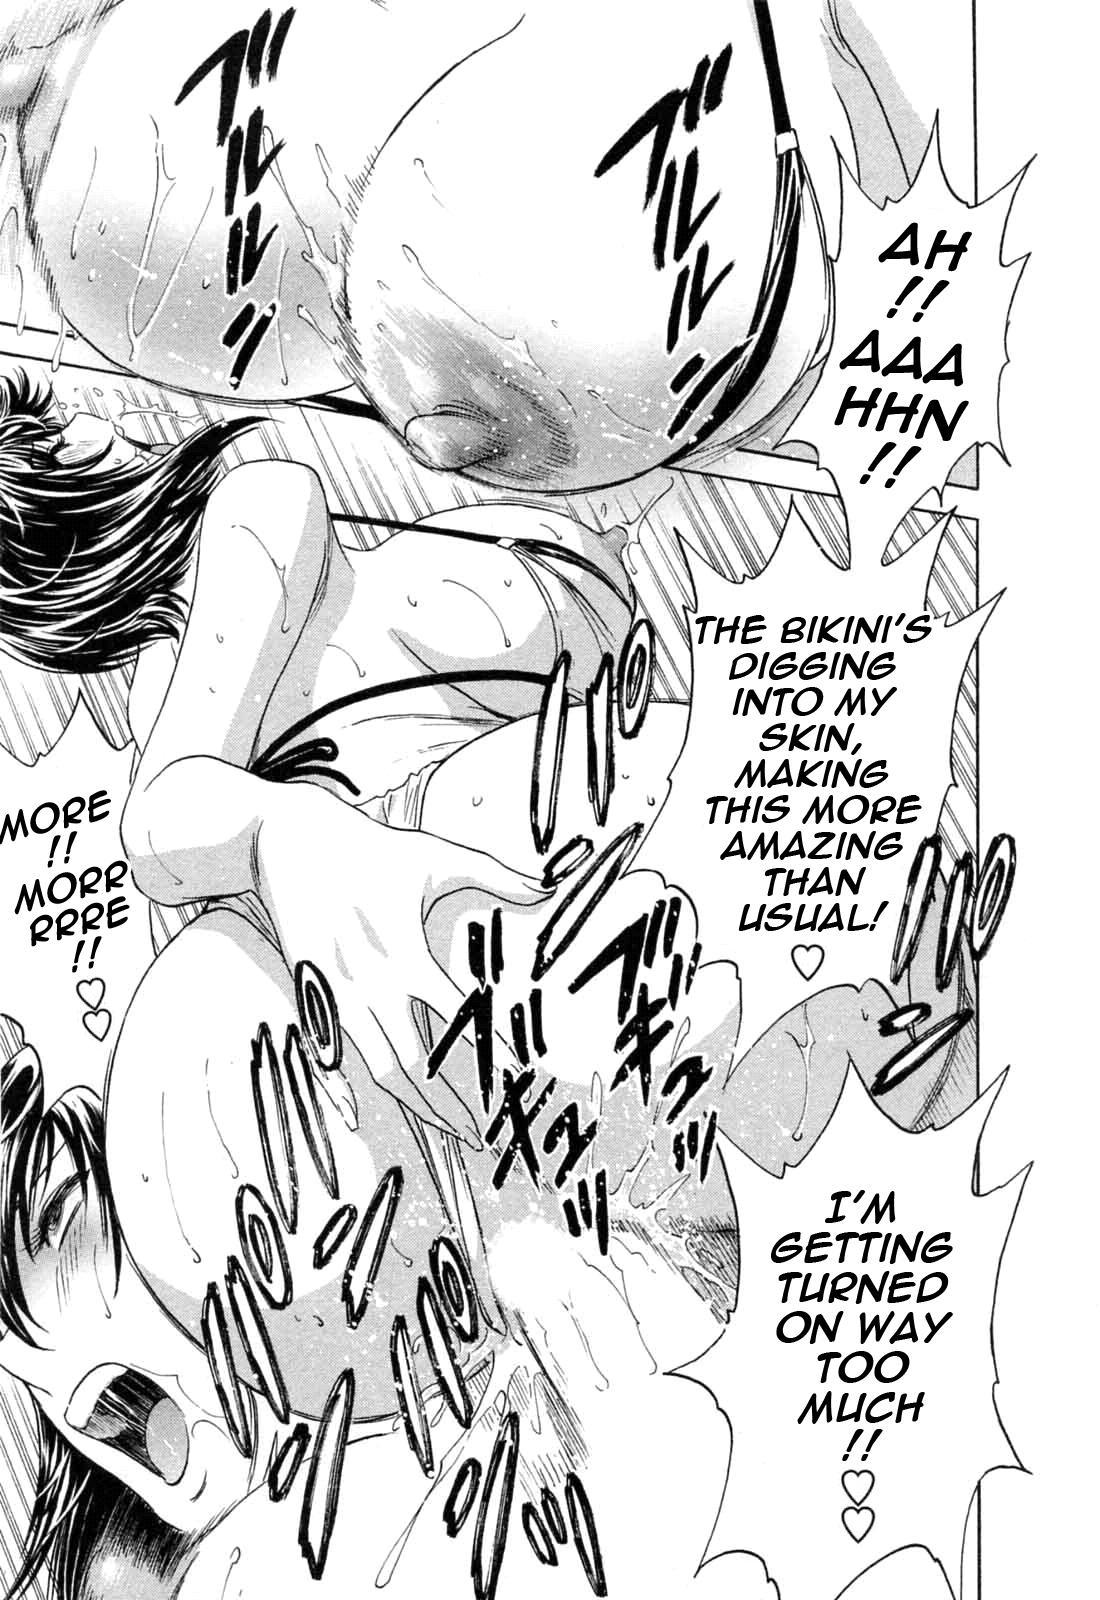 [Hidemaru] Mo-Retsu! Boin Sensei (Boing Boing Teacher) Vol.5 [English] [4dawgz] [Tadanohito] 128